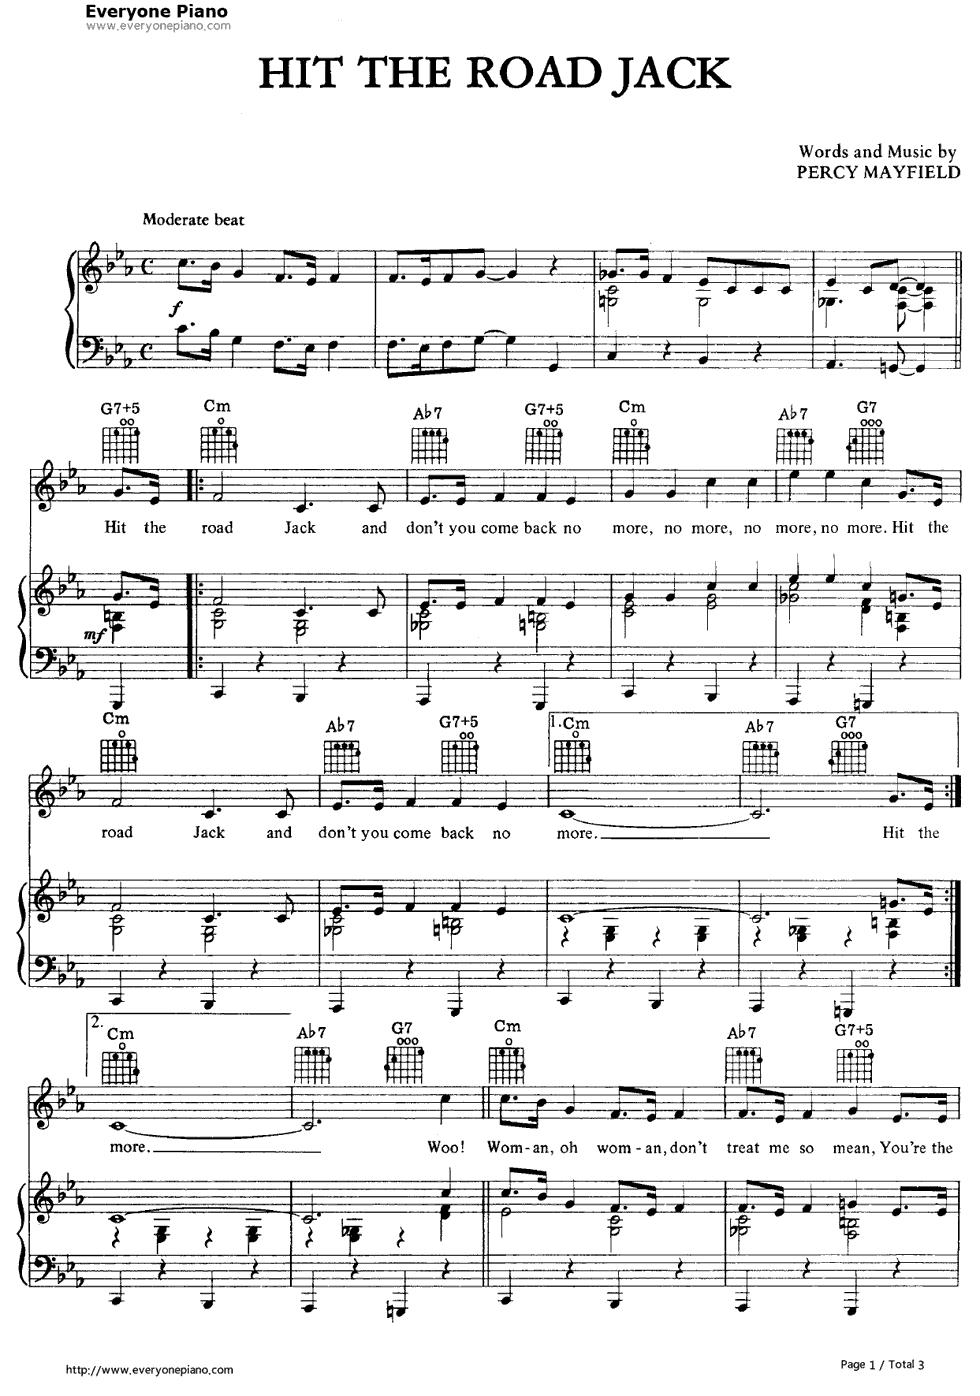 ПЕСНЯ ПОТАНЦУЕМ ДЖЕК СКАЧАТЬ БЕСПЛАТНО